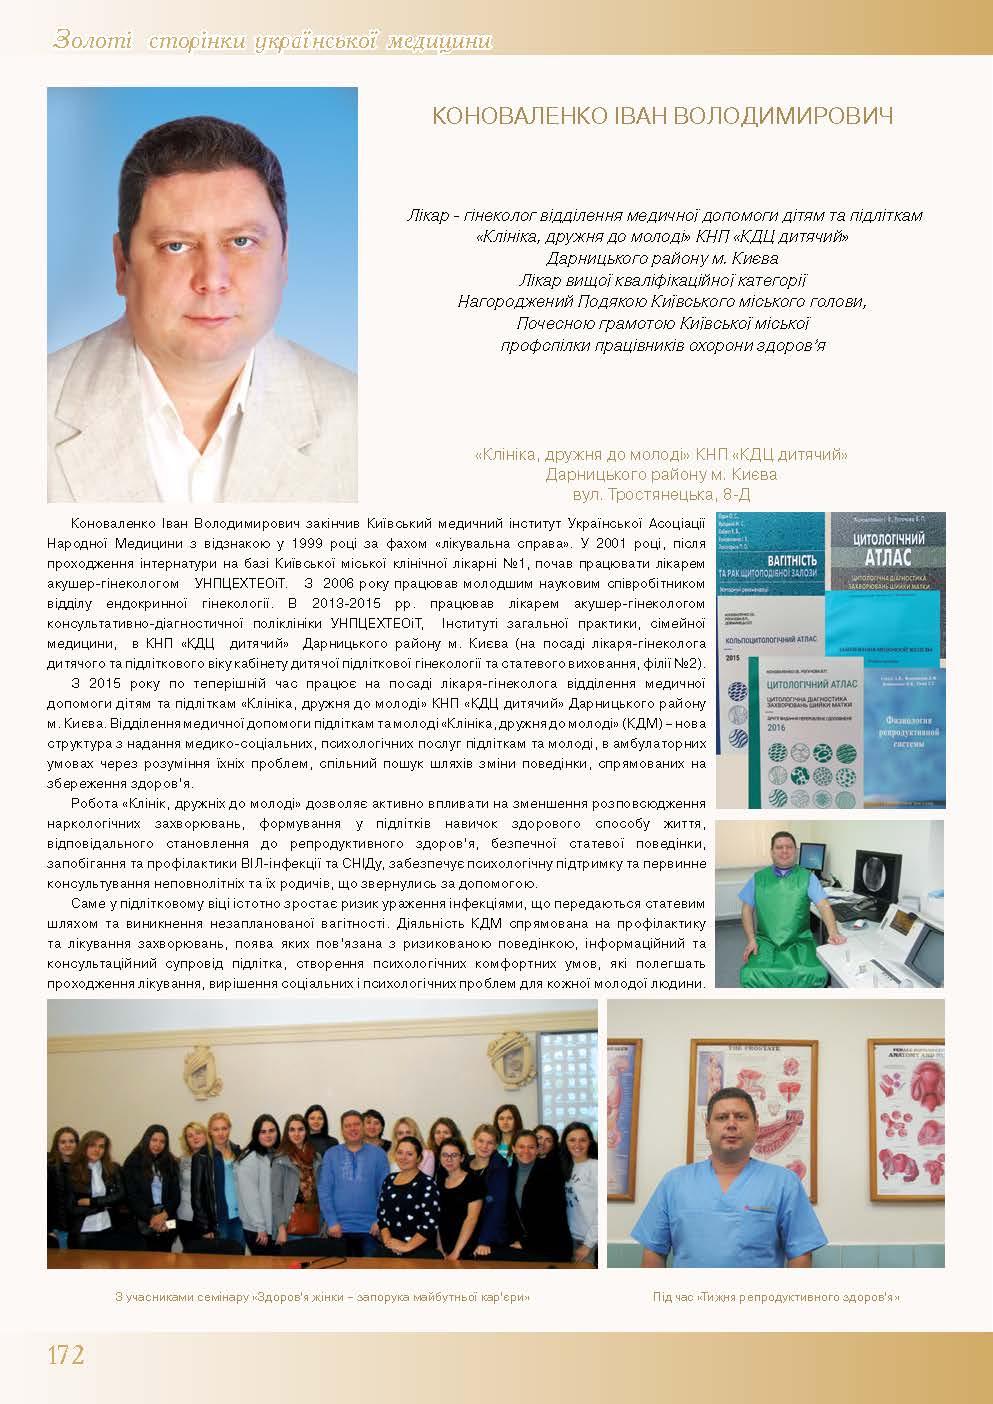 Коноваленко Іван Володимирович